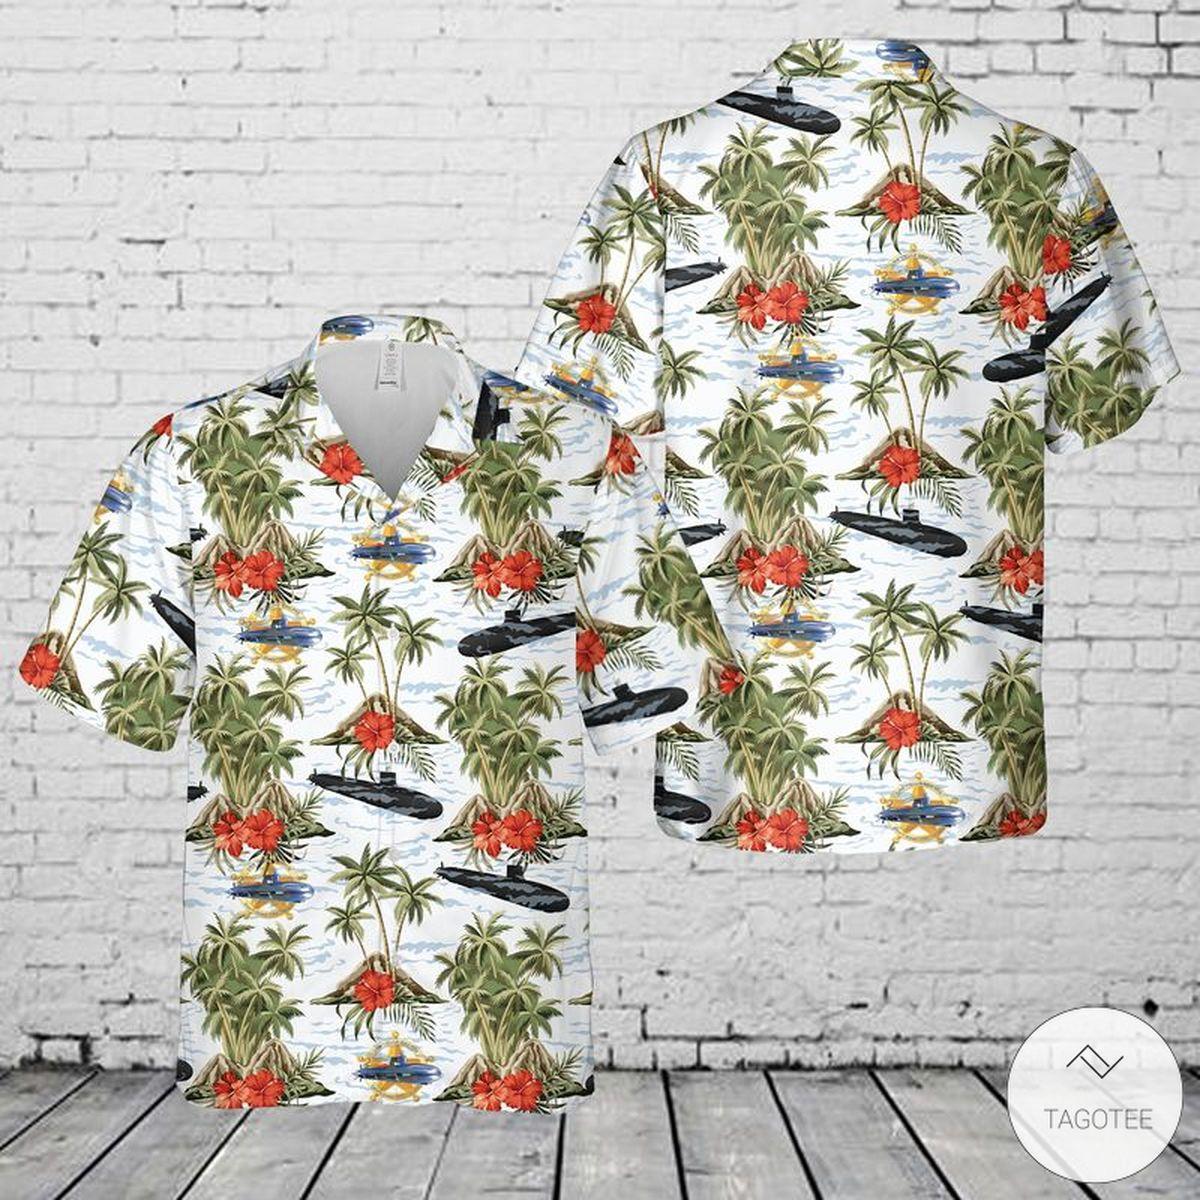 US Navy USS Texas (SSN-775) Hawaiian Shirt, Beach Shorts